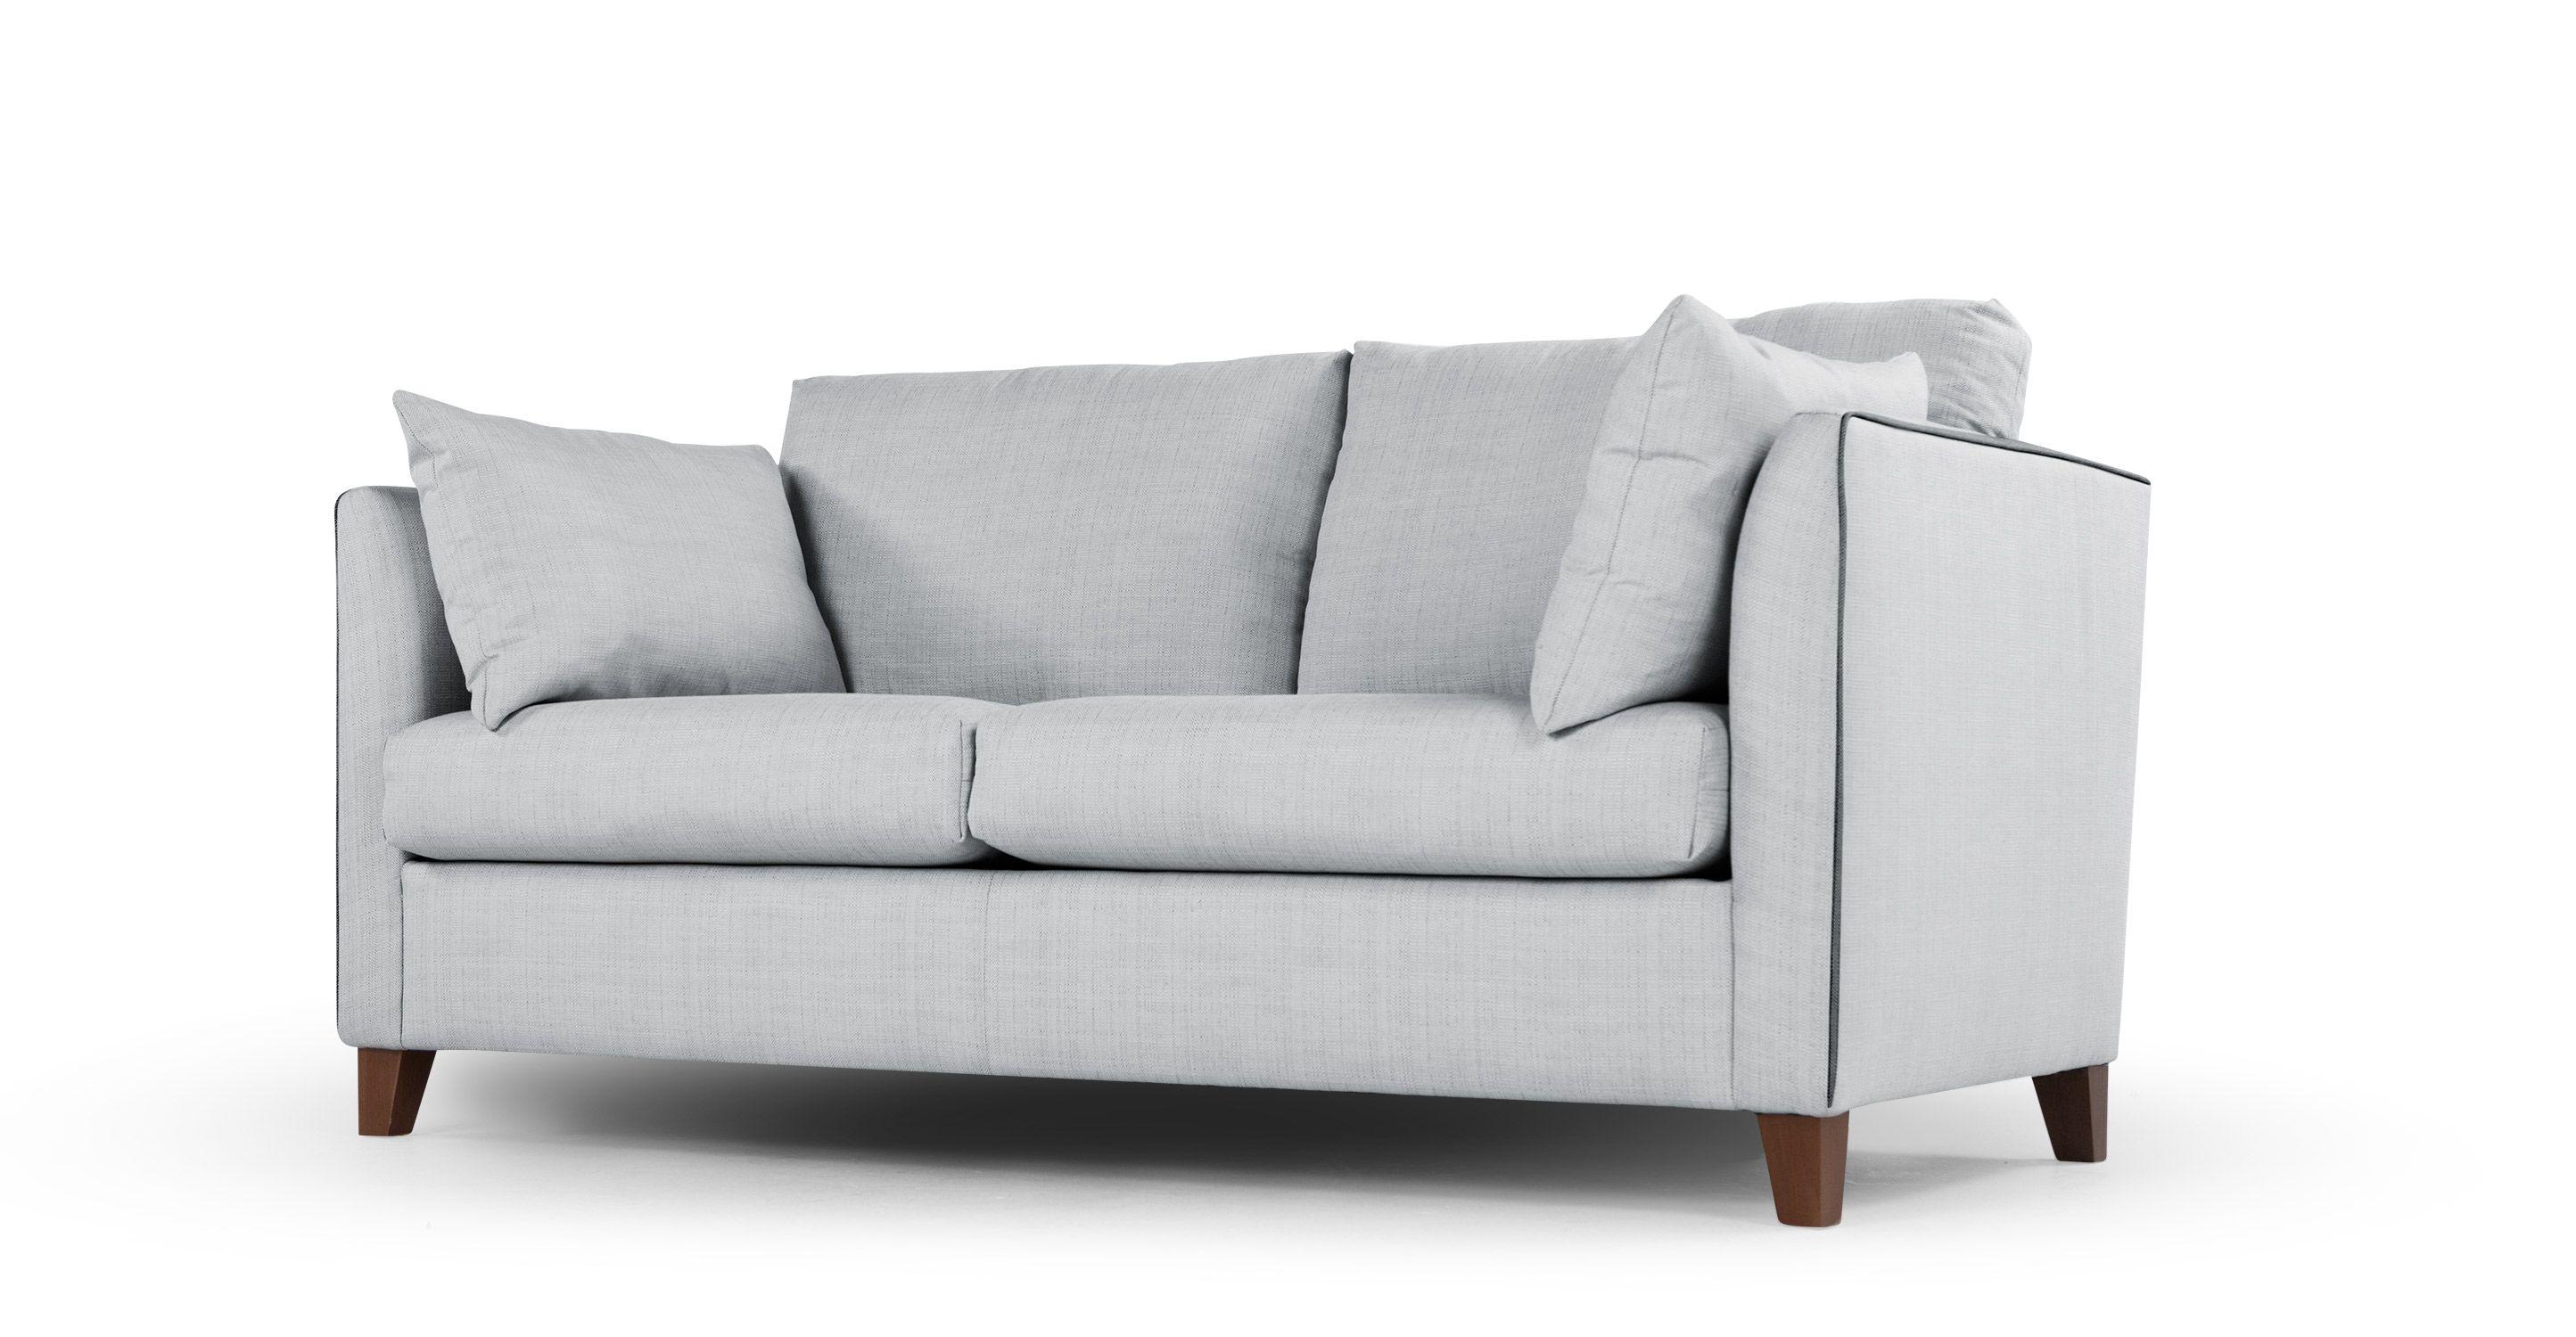 bari un canap lit bleu gris f u r n i t u r e. Black Bedroom Furniture Sets. Home Design Ideas